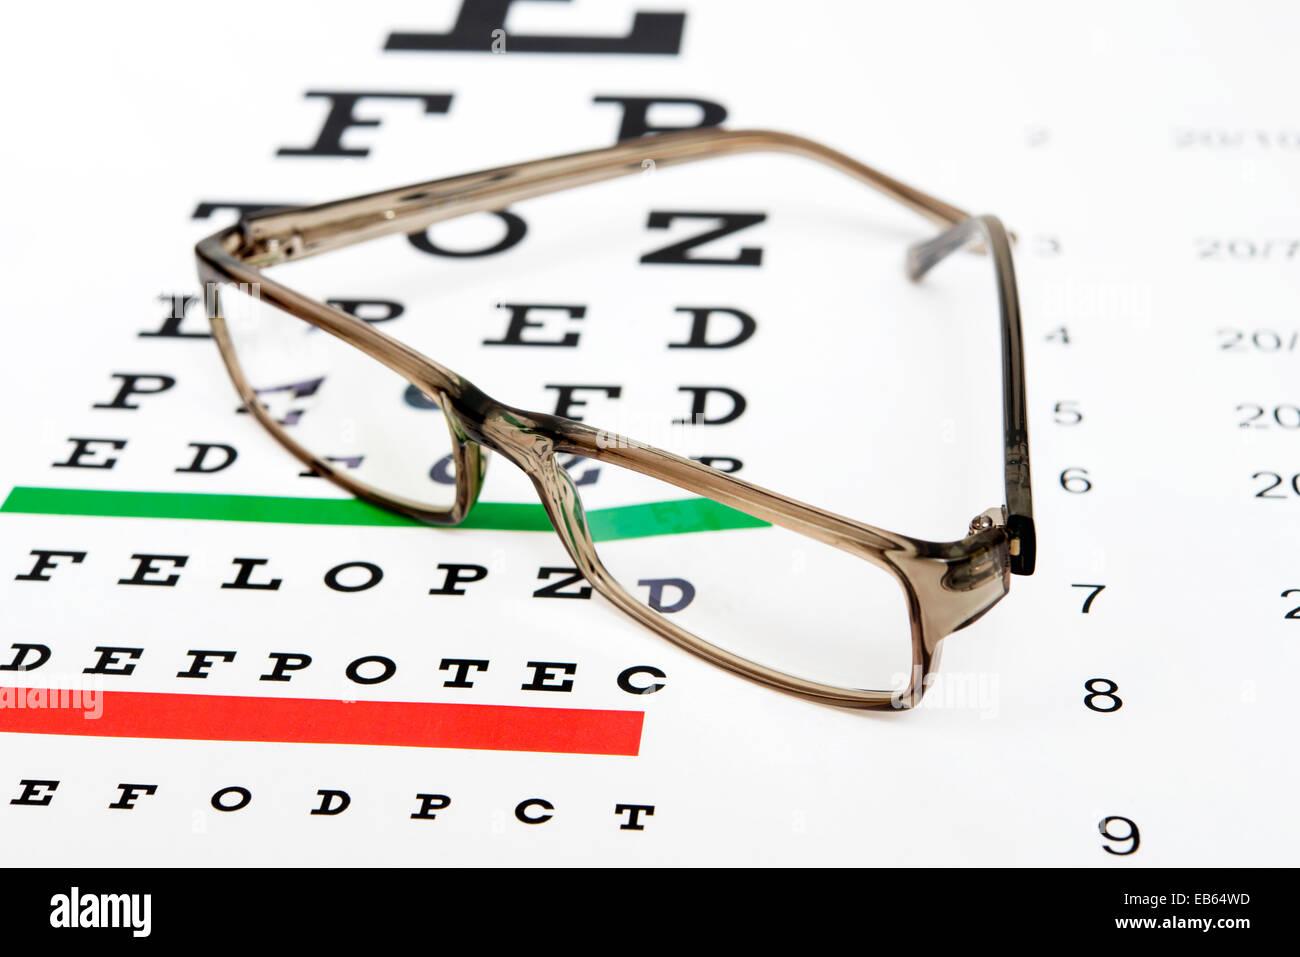 Eyeglasses on the eye chart background stock photo 75738249 alamy eyeglasses on the eye chart background nvjuhfo Choice Image